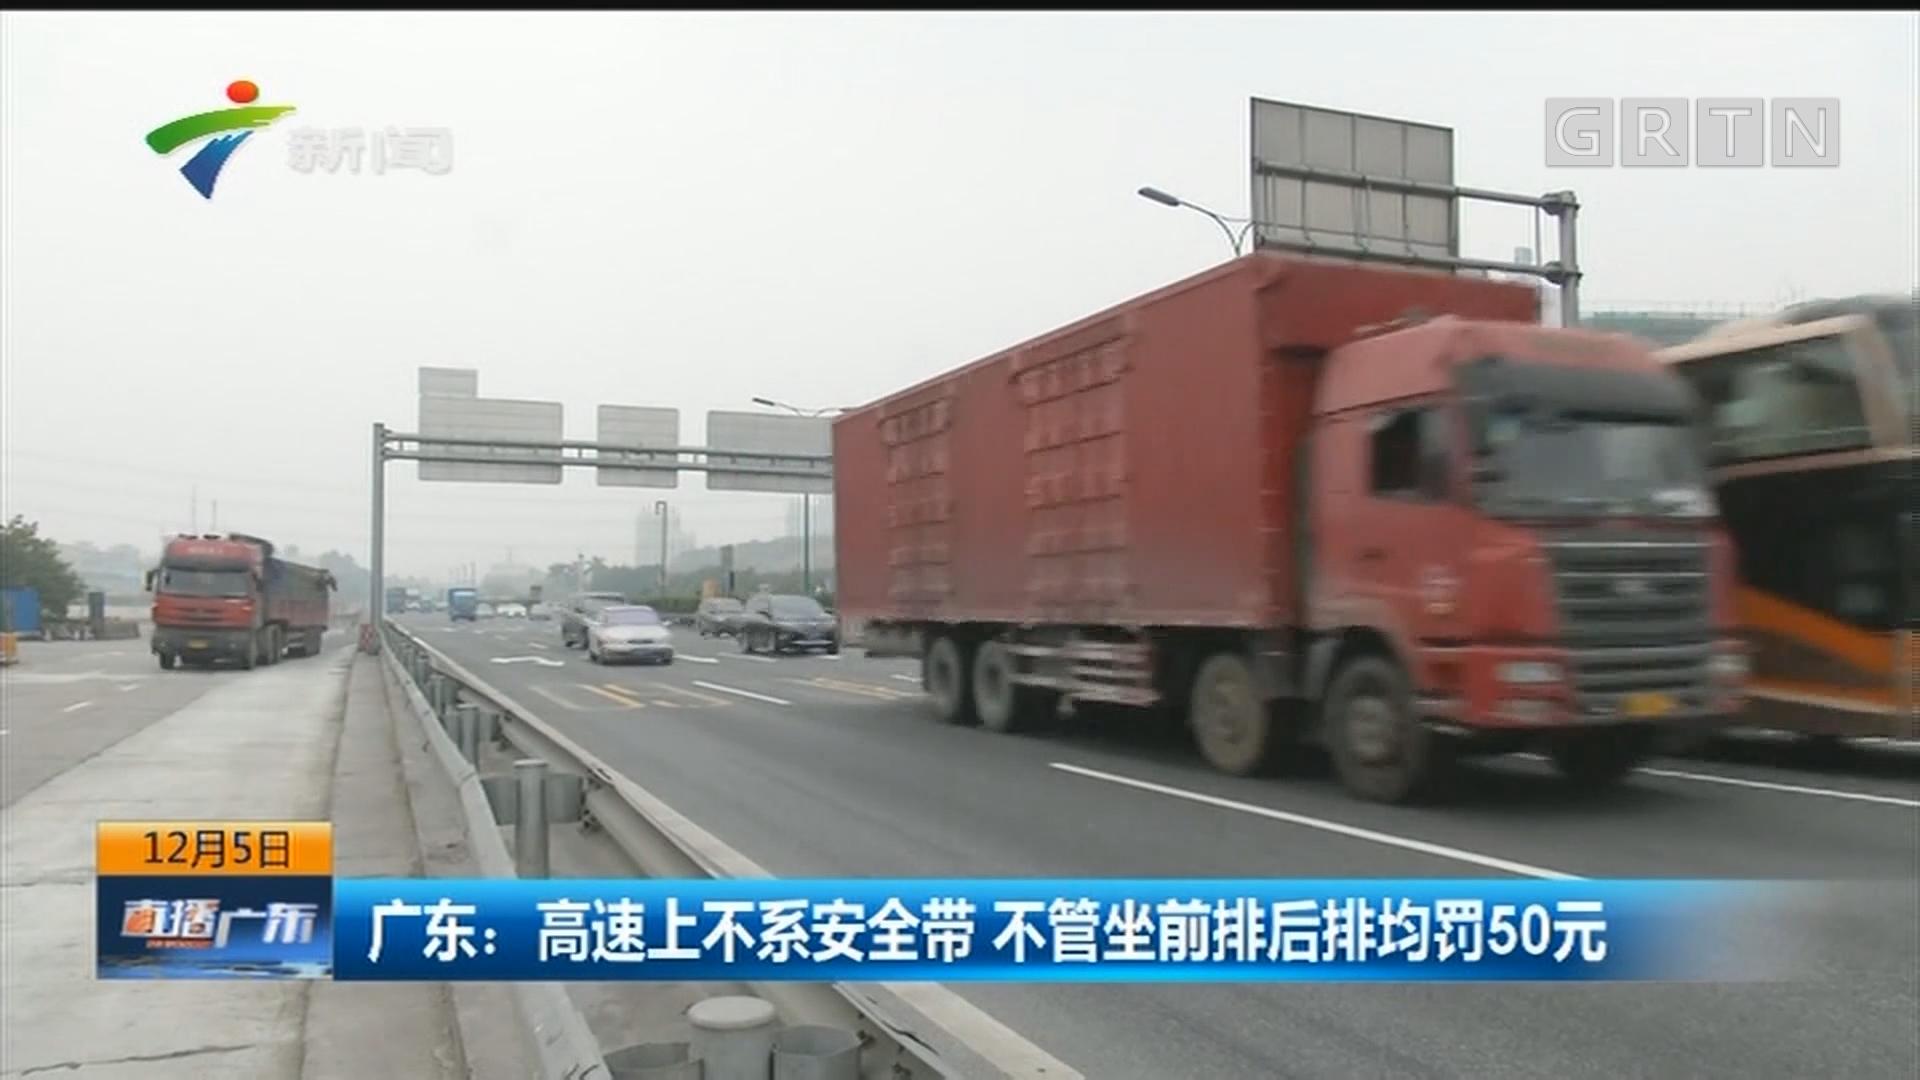 广东:高速上不系安全带 不管坐前排后排均罚50元